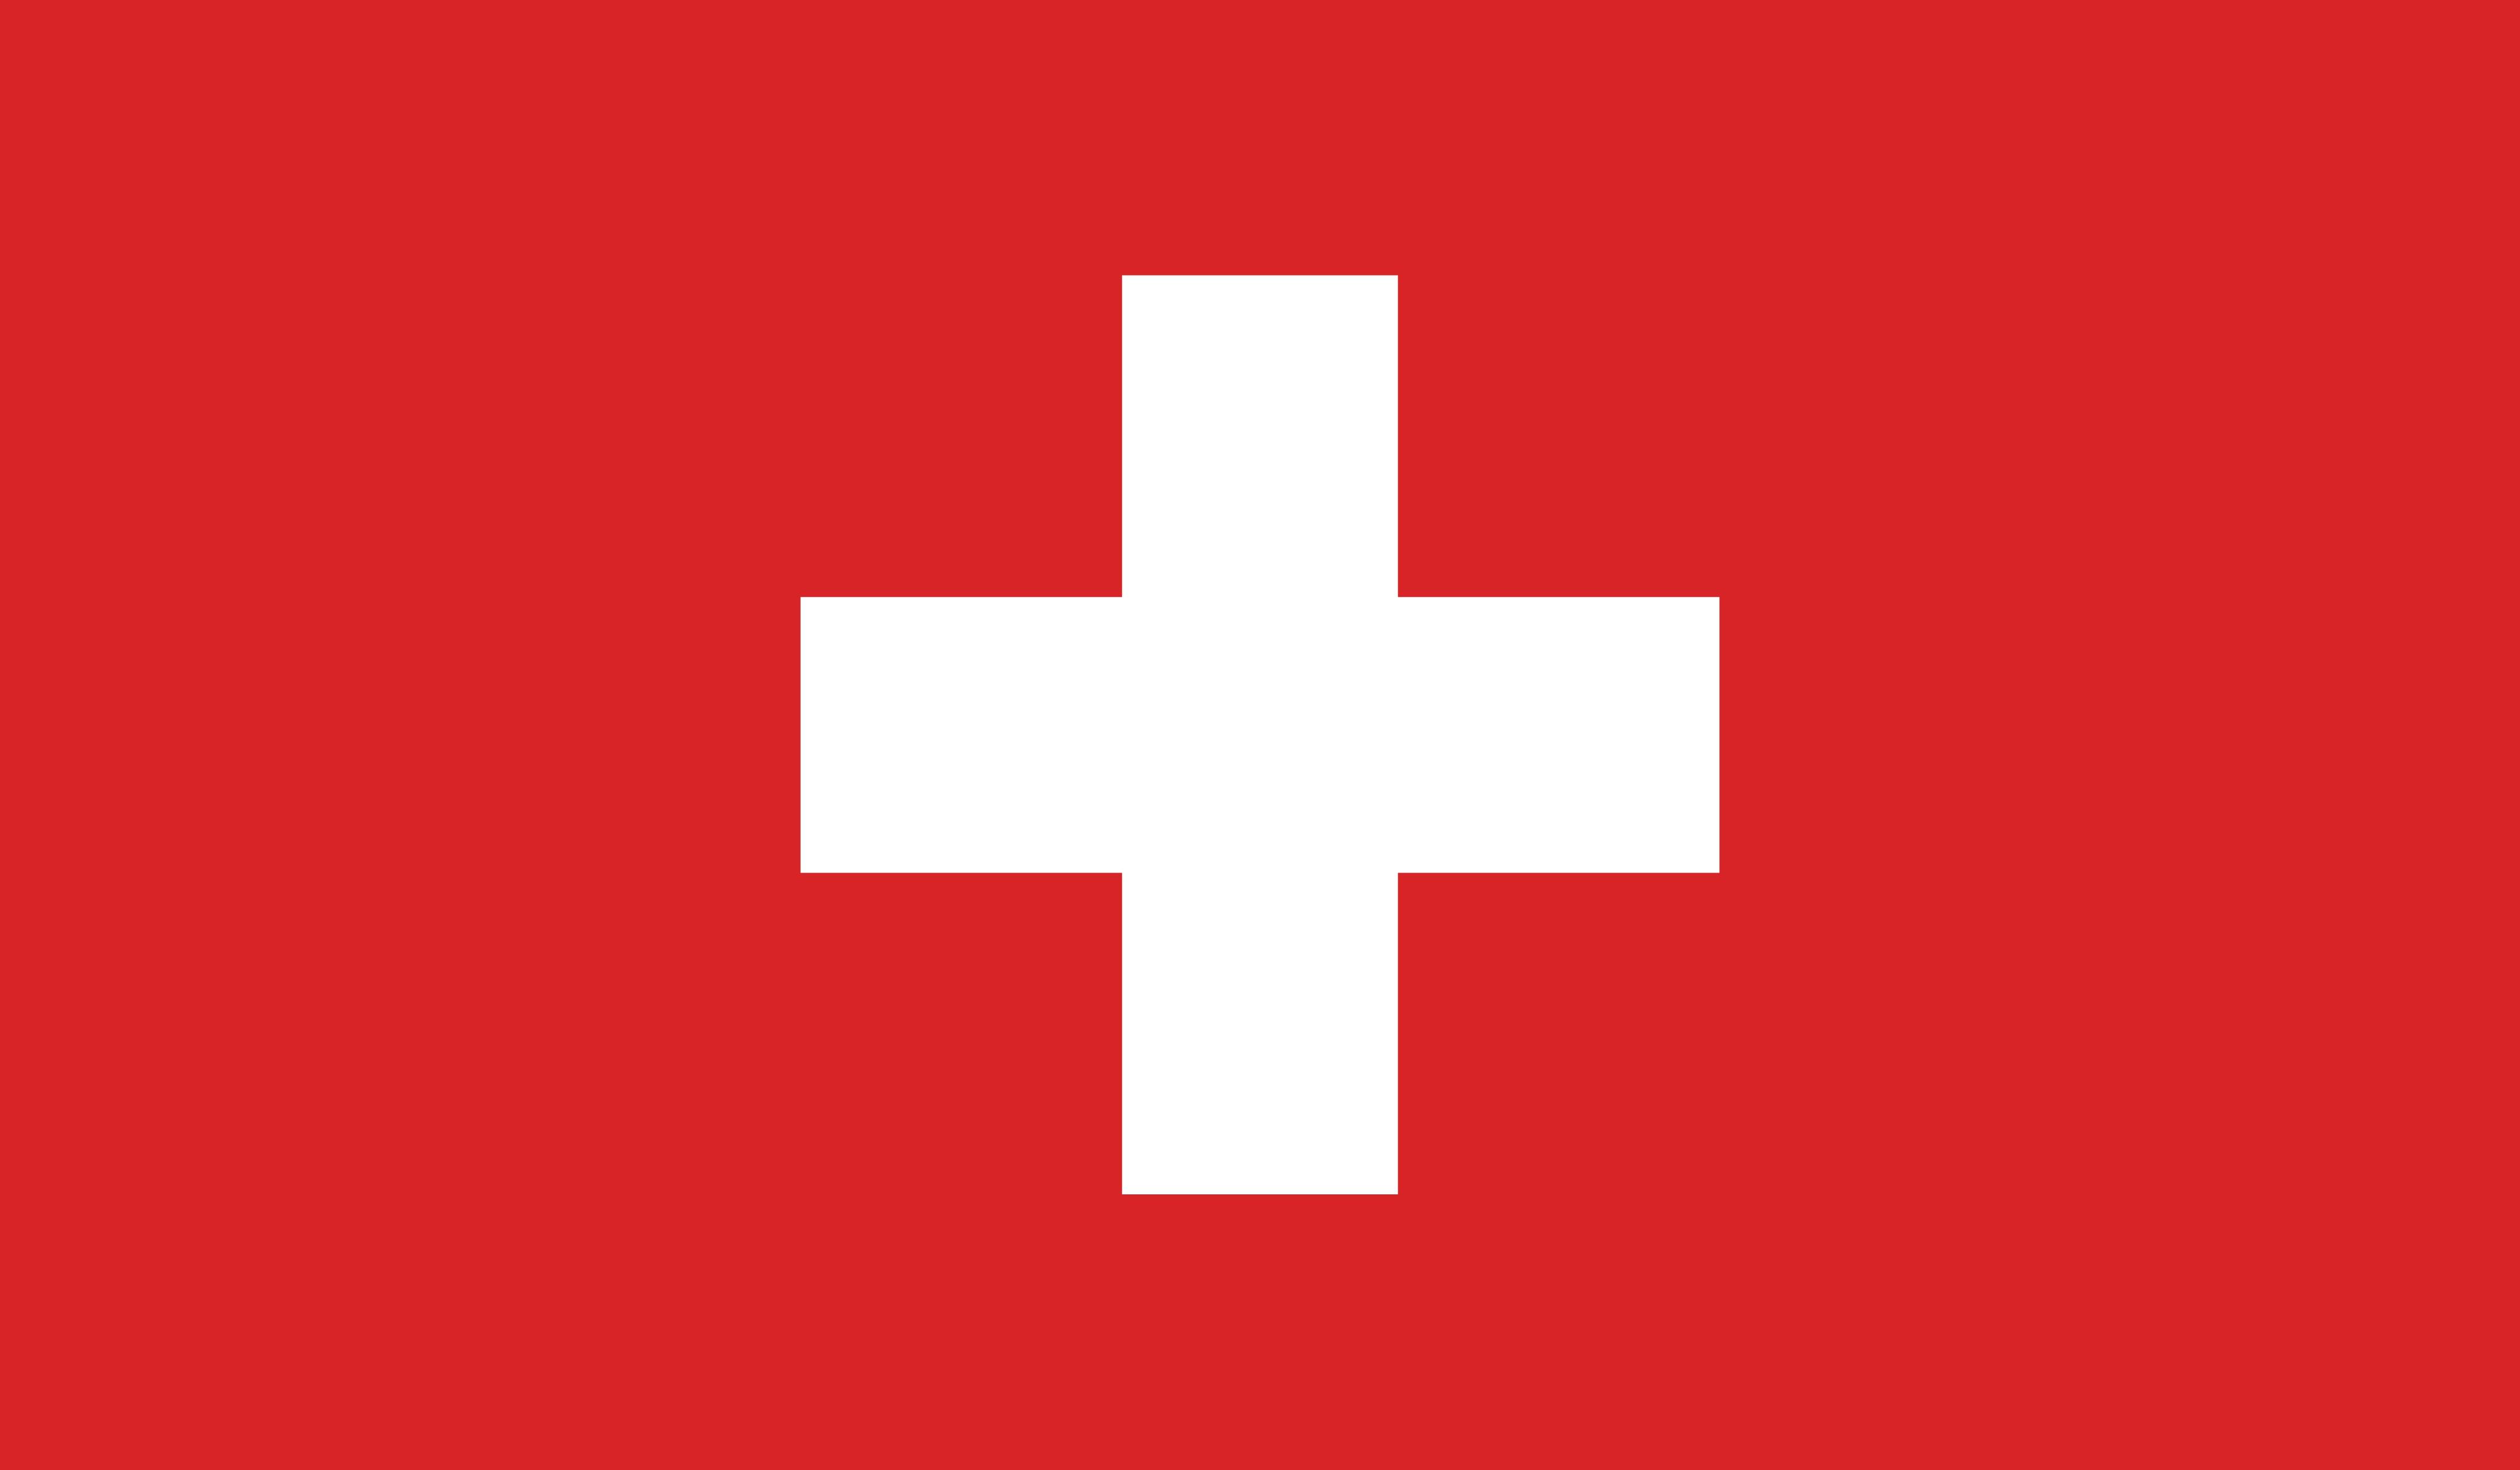 İsviçre Trafik Kurallar